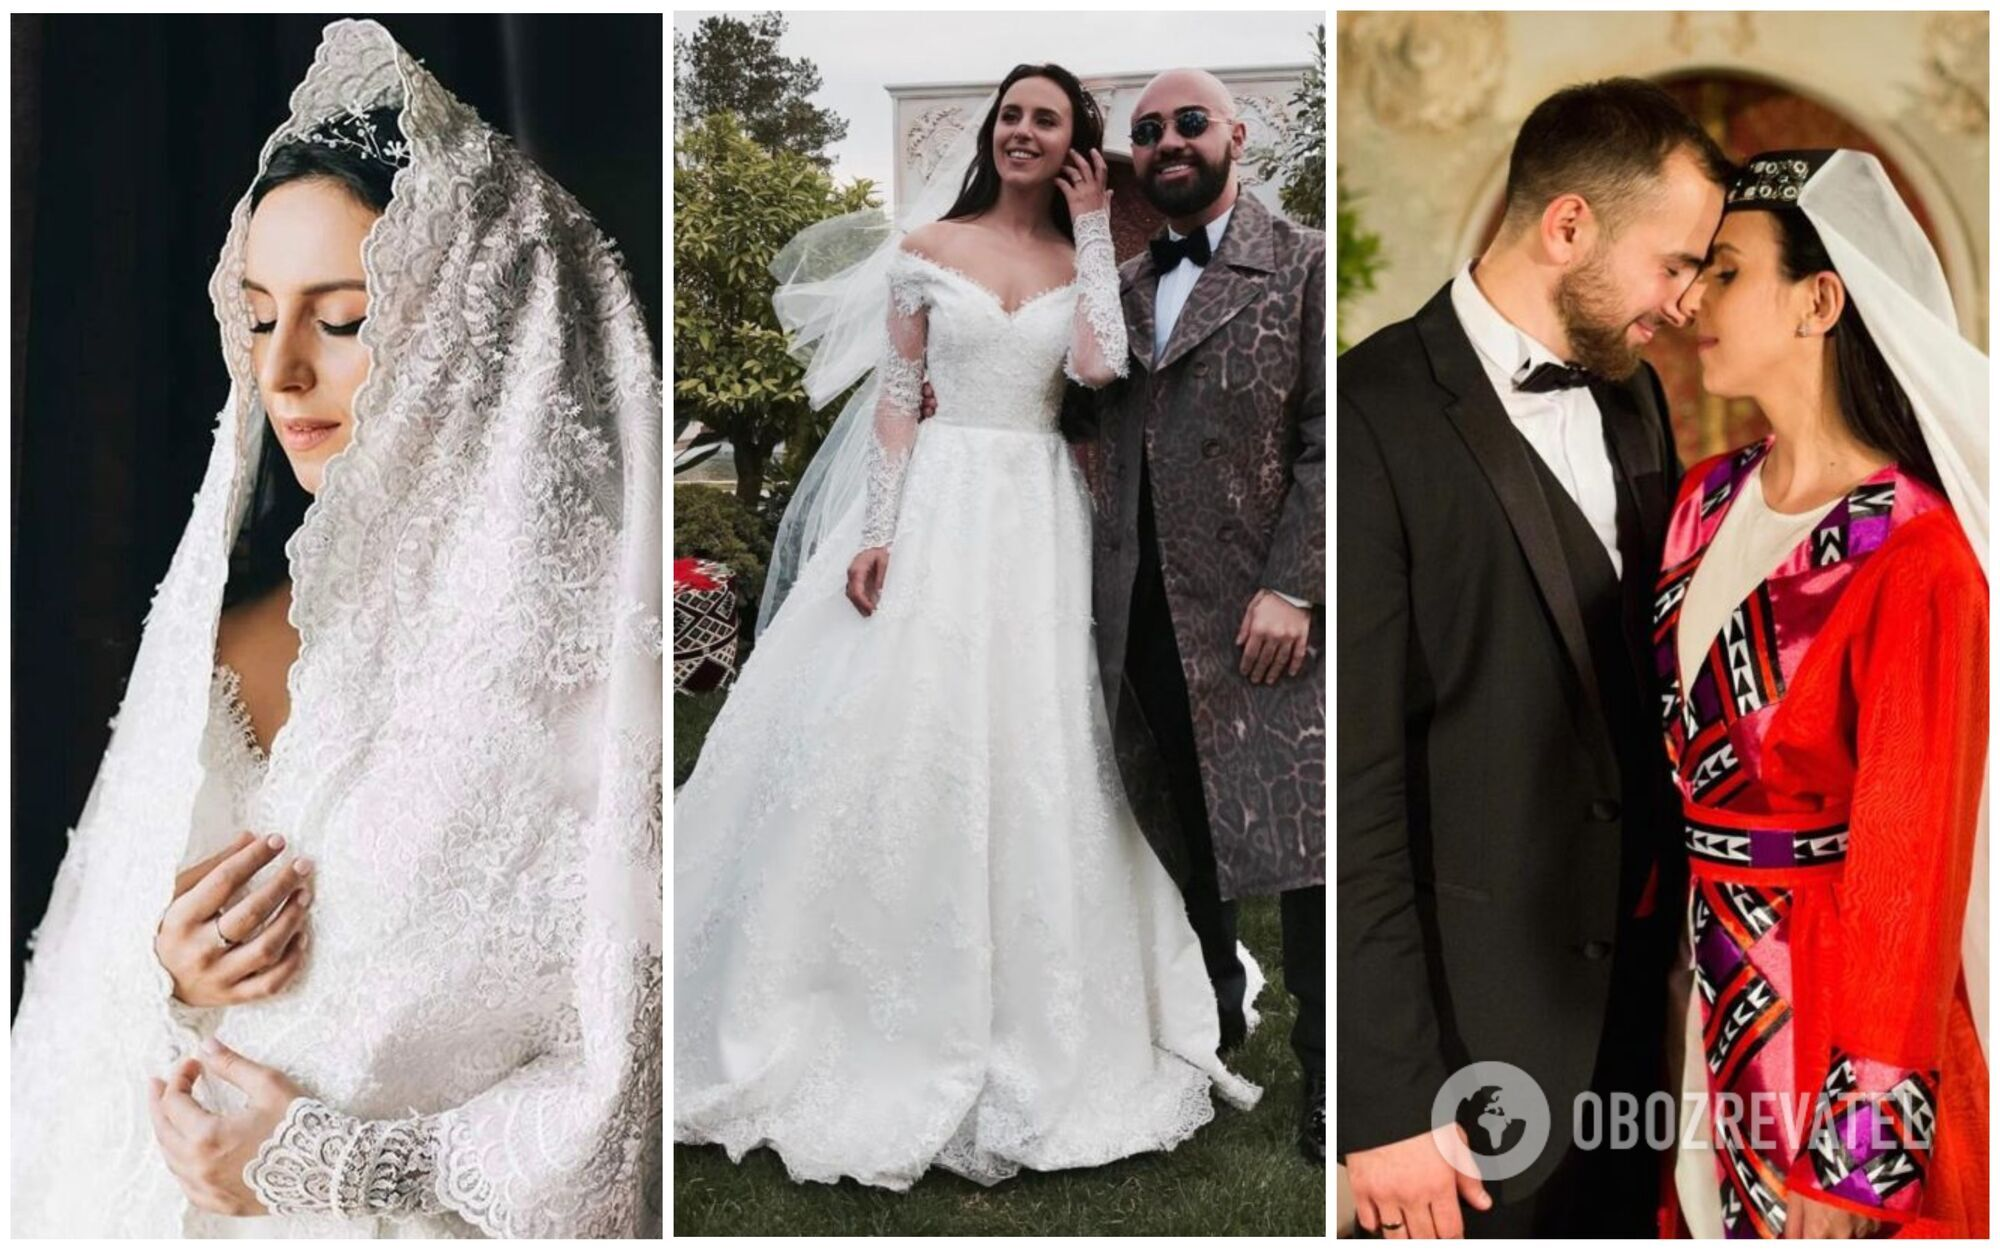 Весілля Джамали й Бекіра Сулейманова відбулося 26 квітня 2017 року